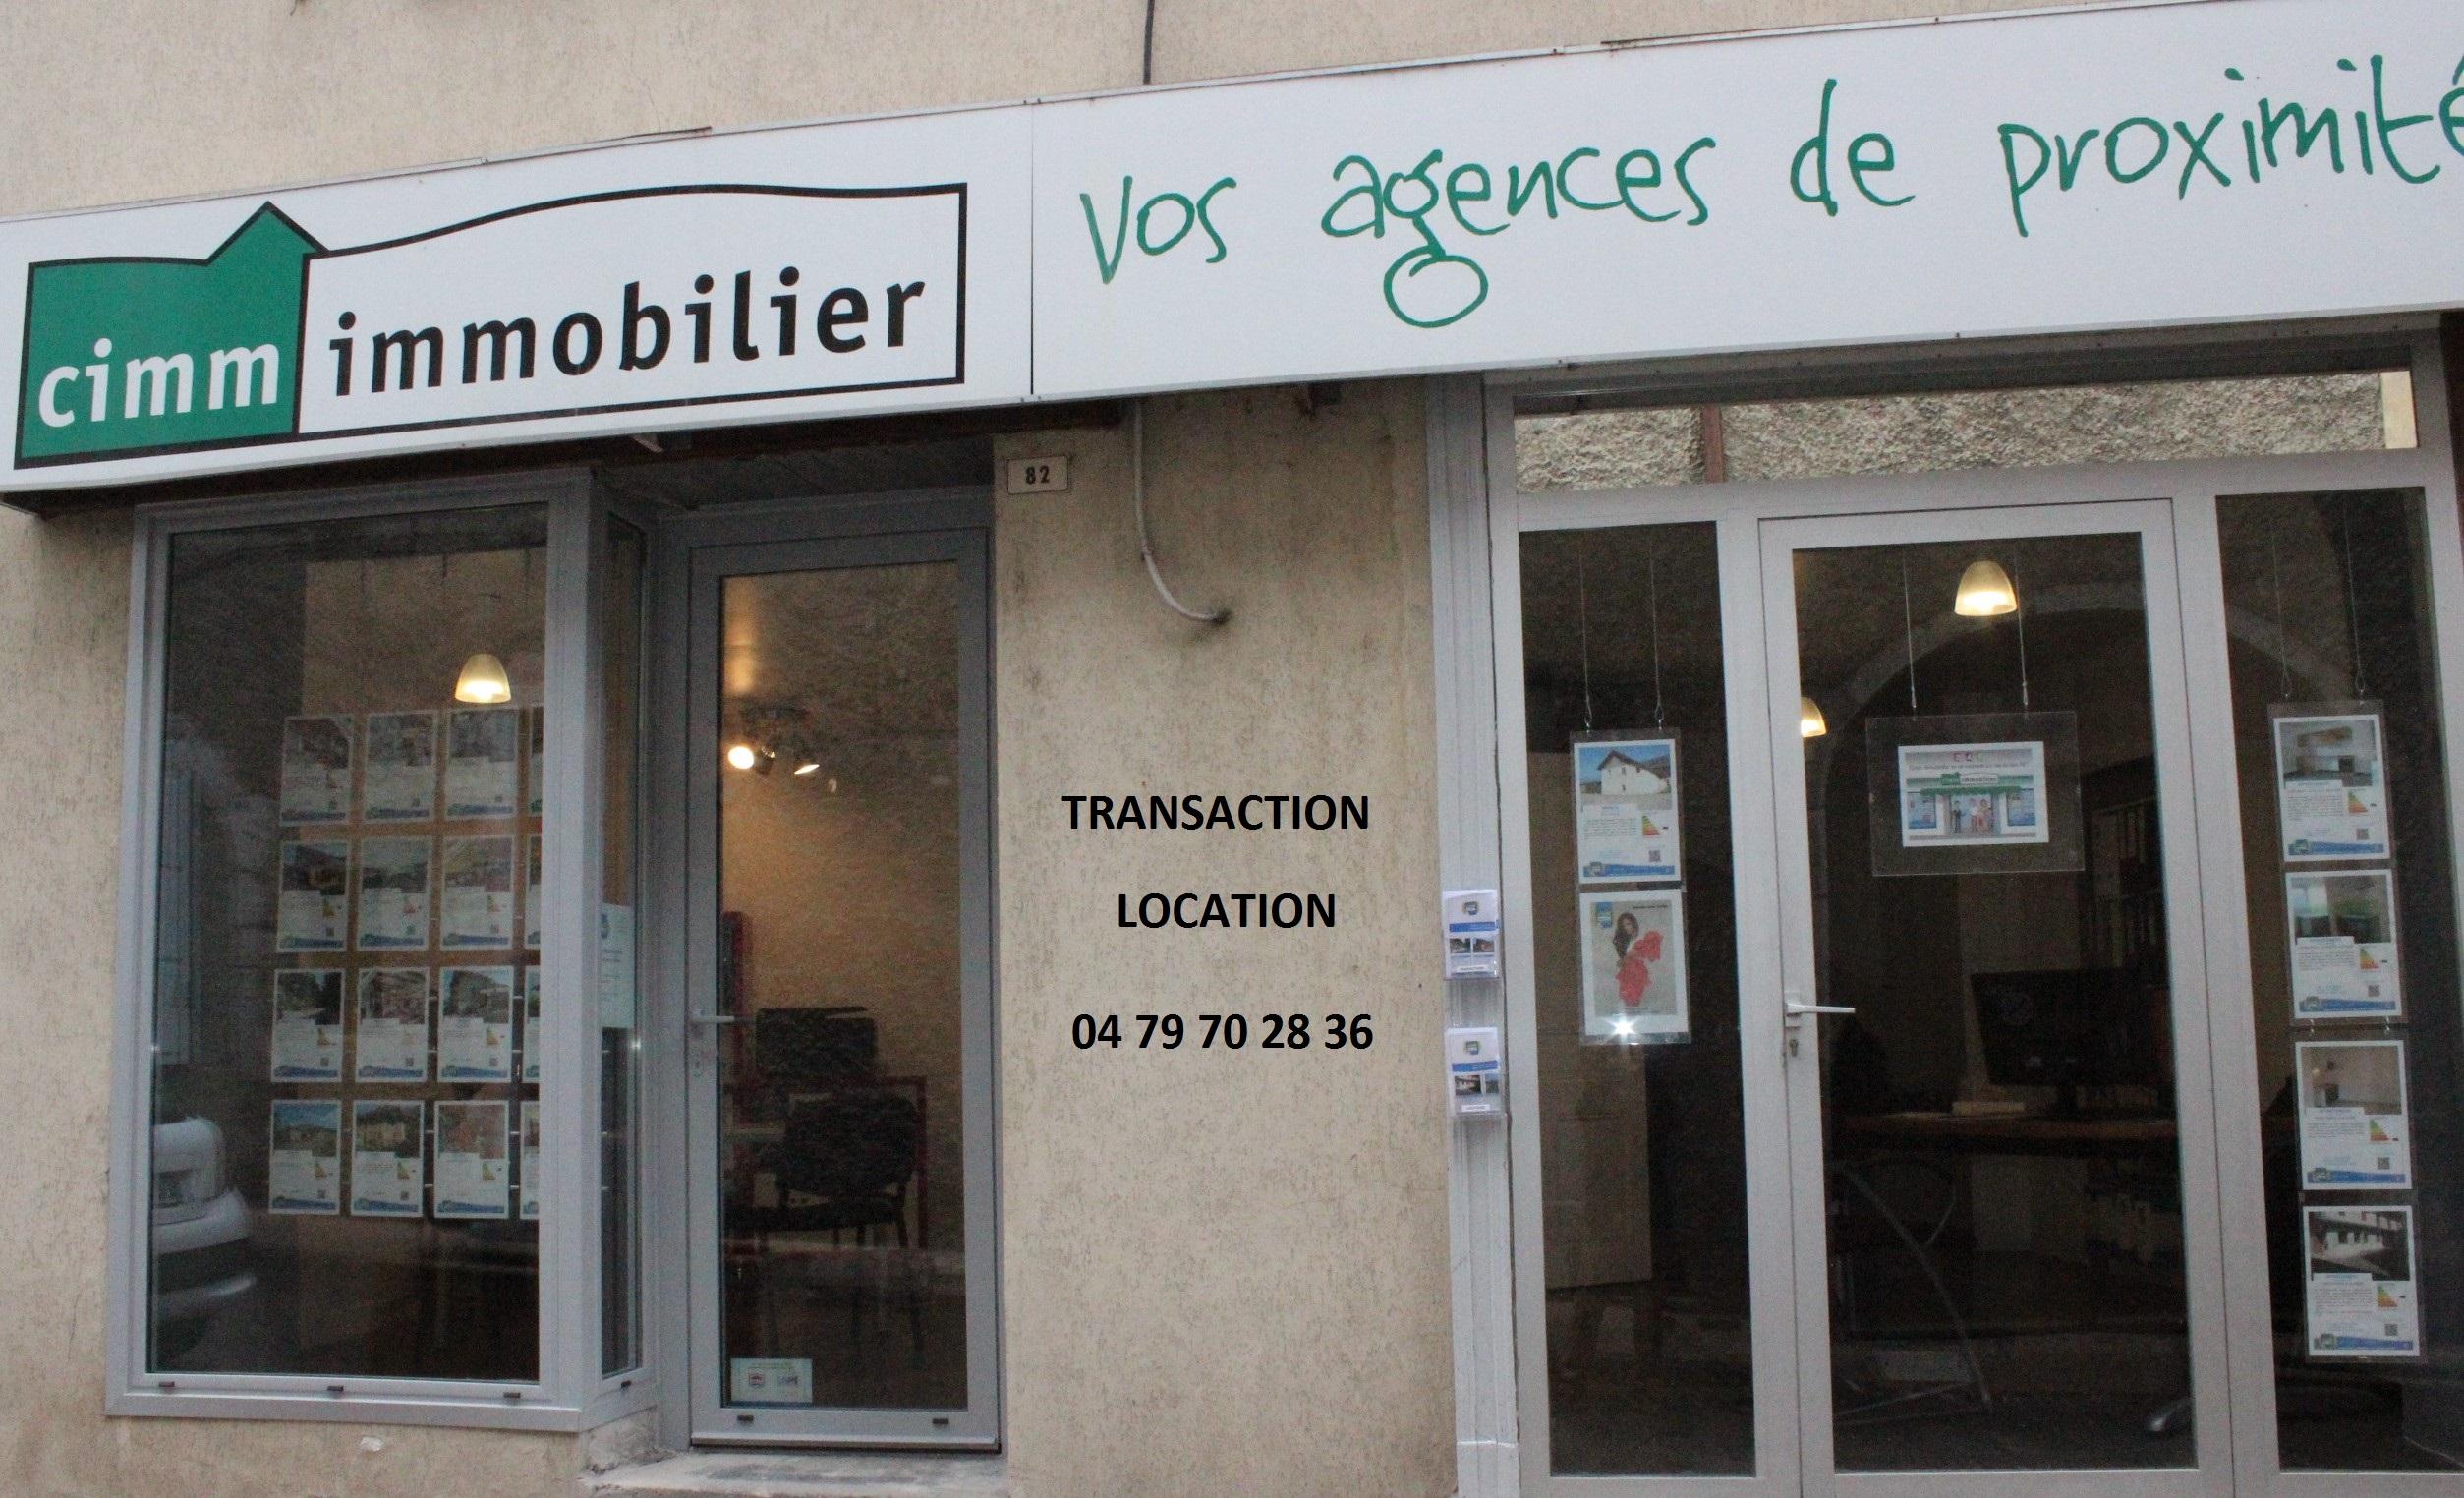 agence cimm immobilier saint pierre d'albigny 73250. achat, vente, location (3)